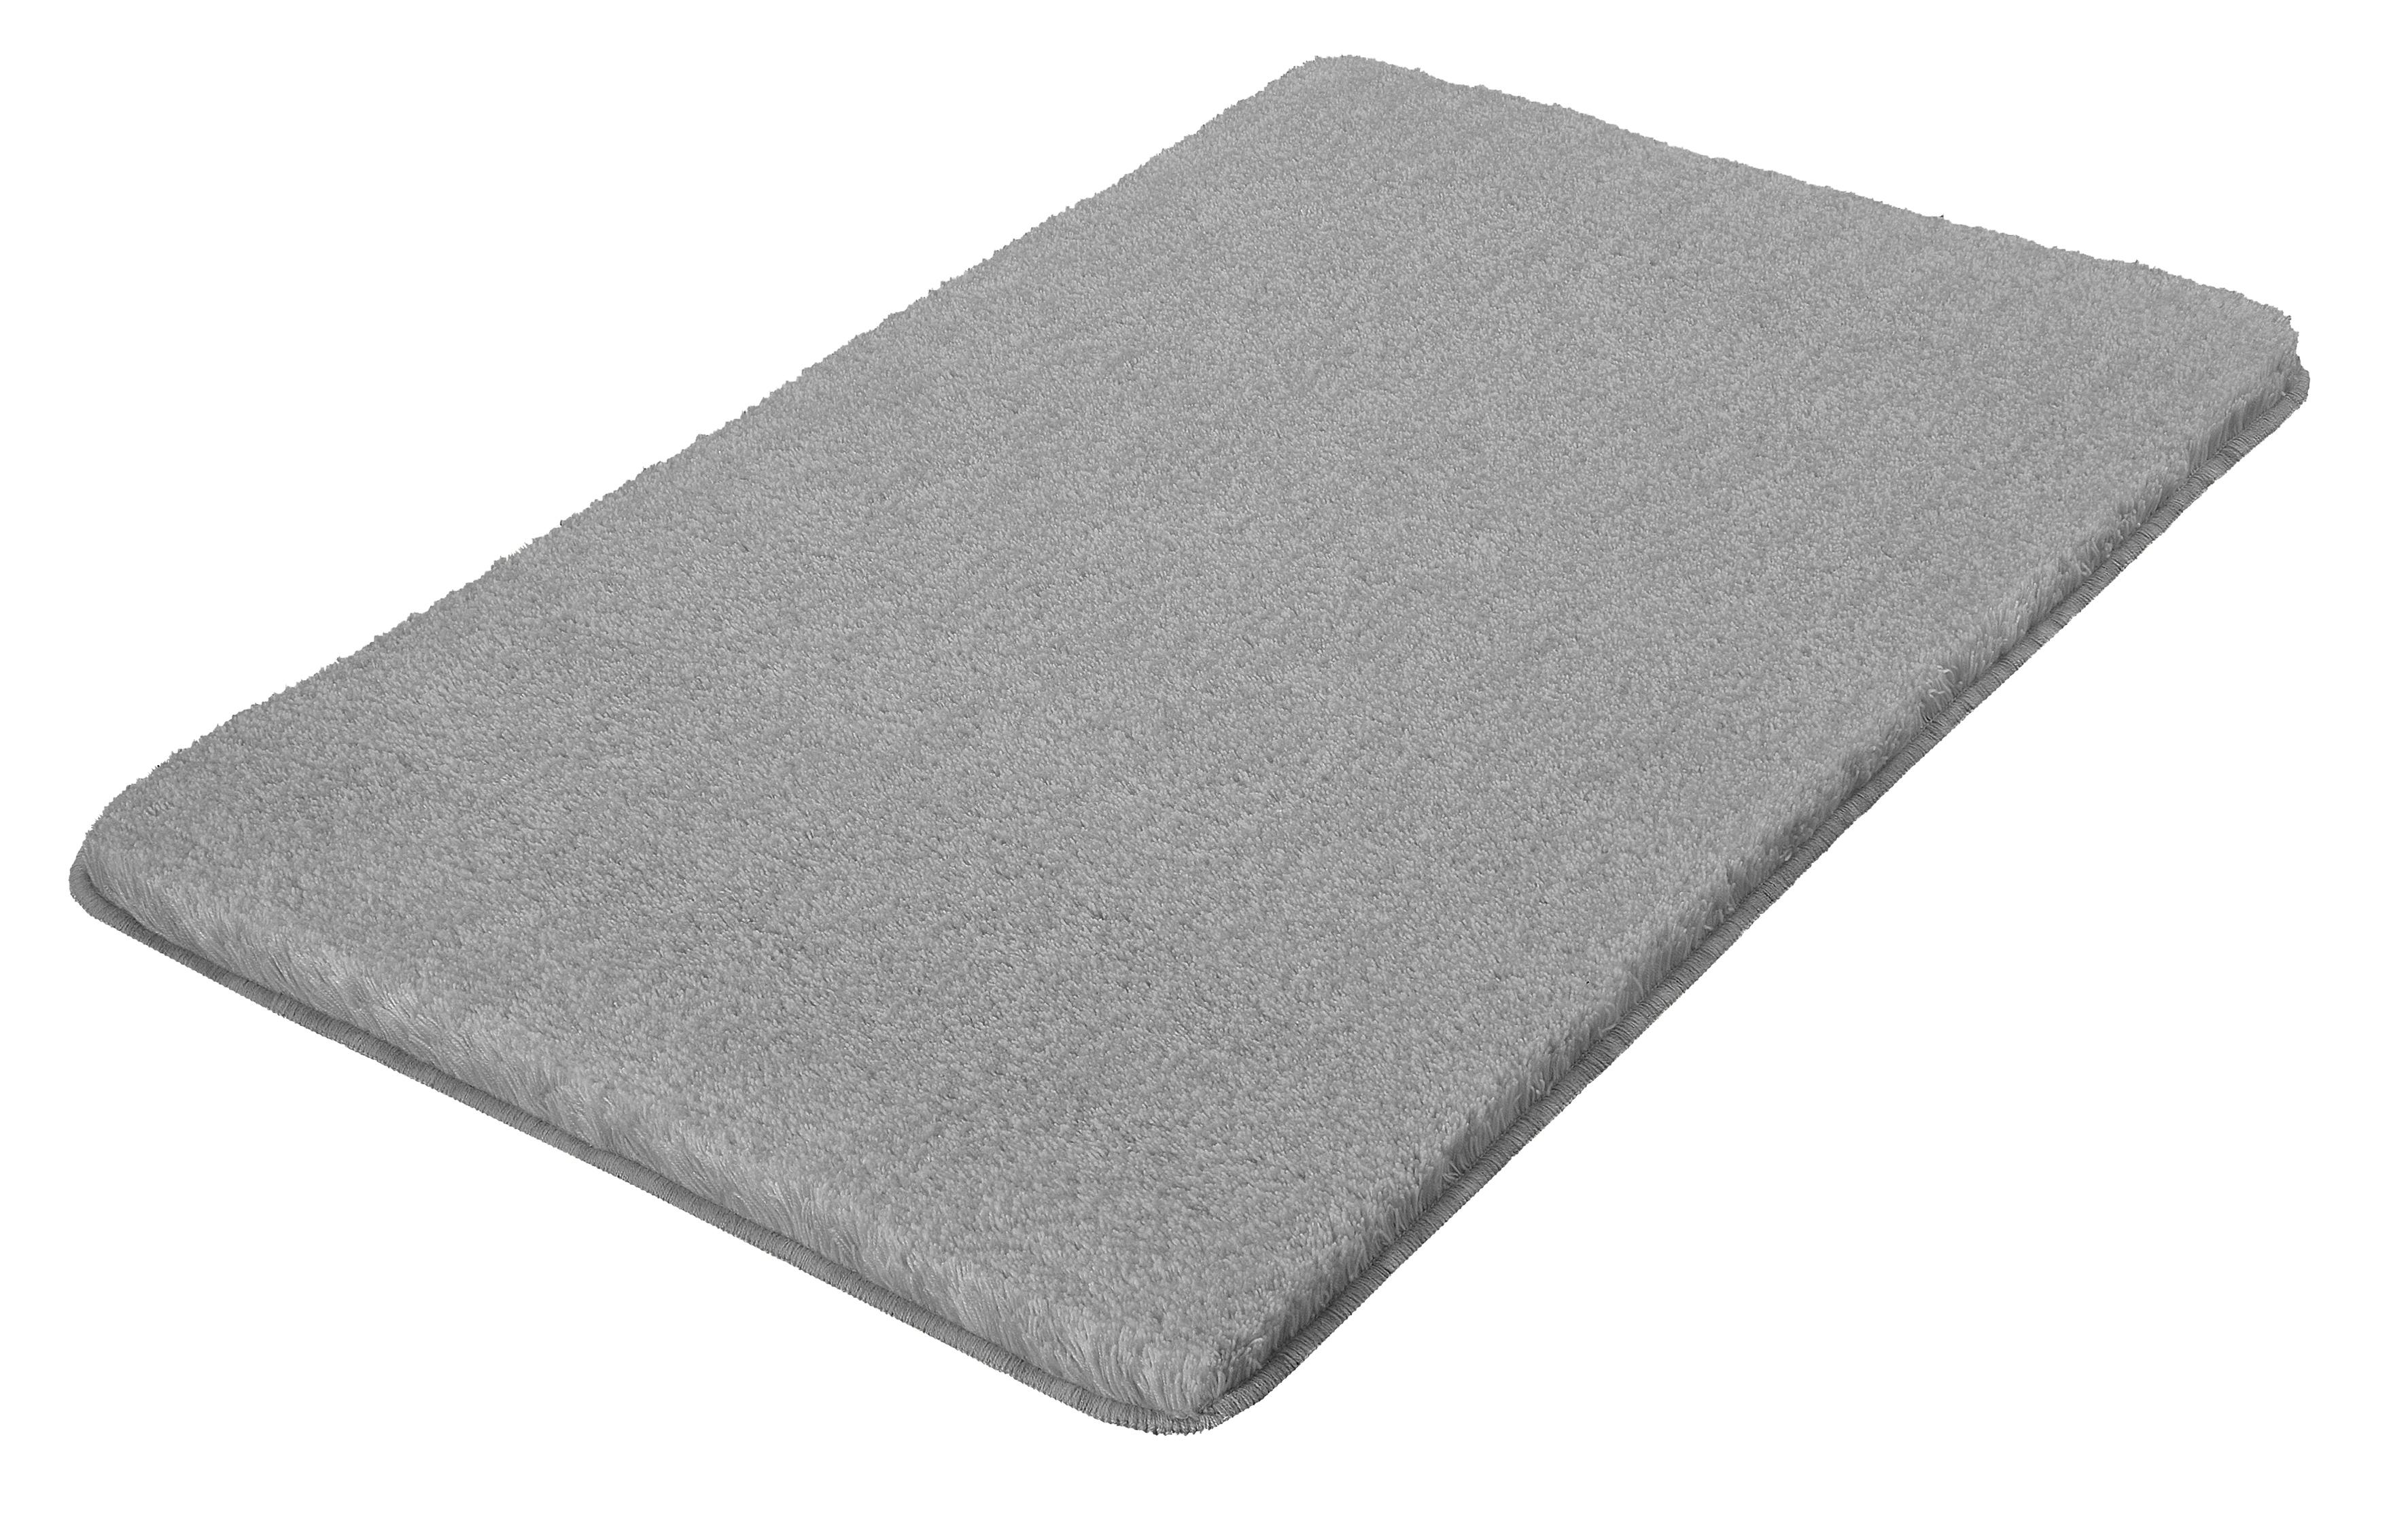 Soft Grey Bathroom Rugs